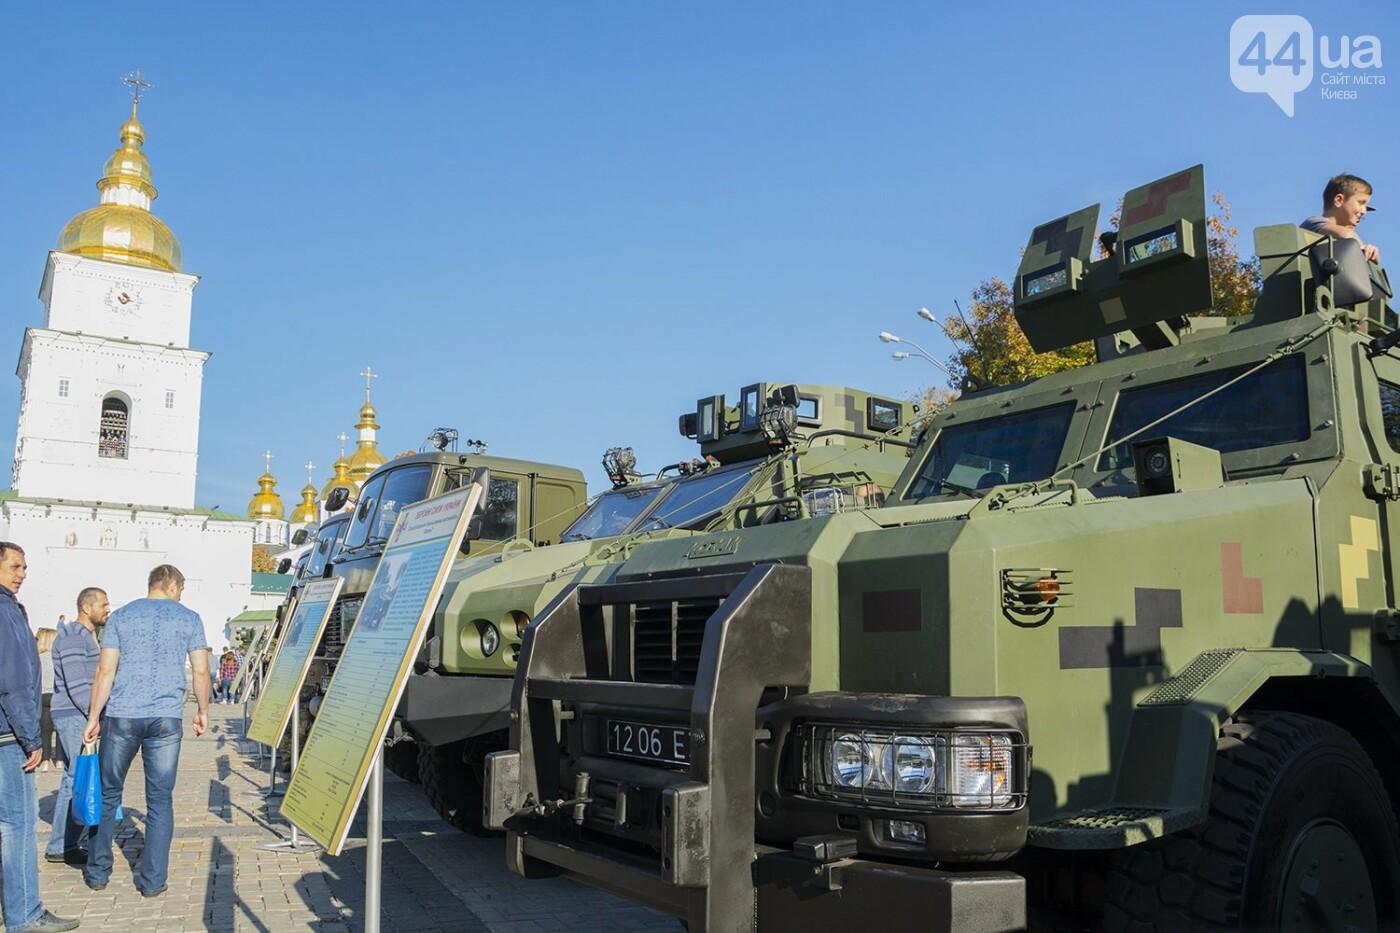 В Киеве открылась масштабная выставка военной техники – ФОТОРЕПОРТАЖ, фото-4